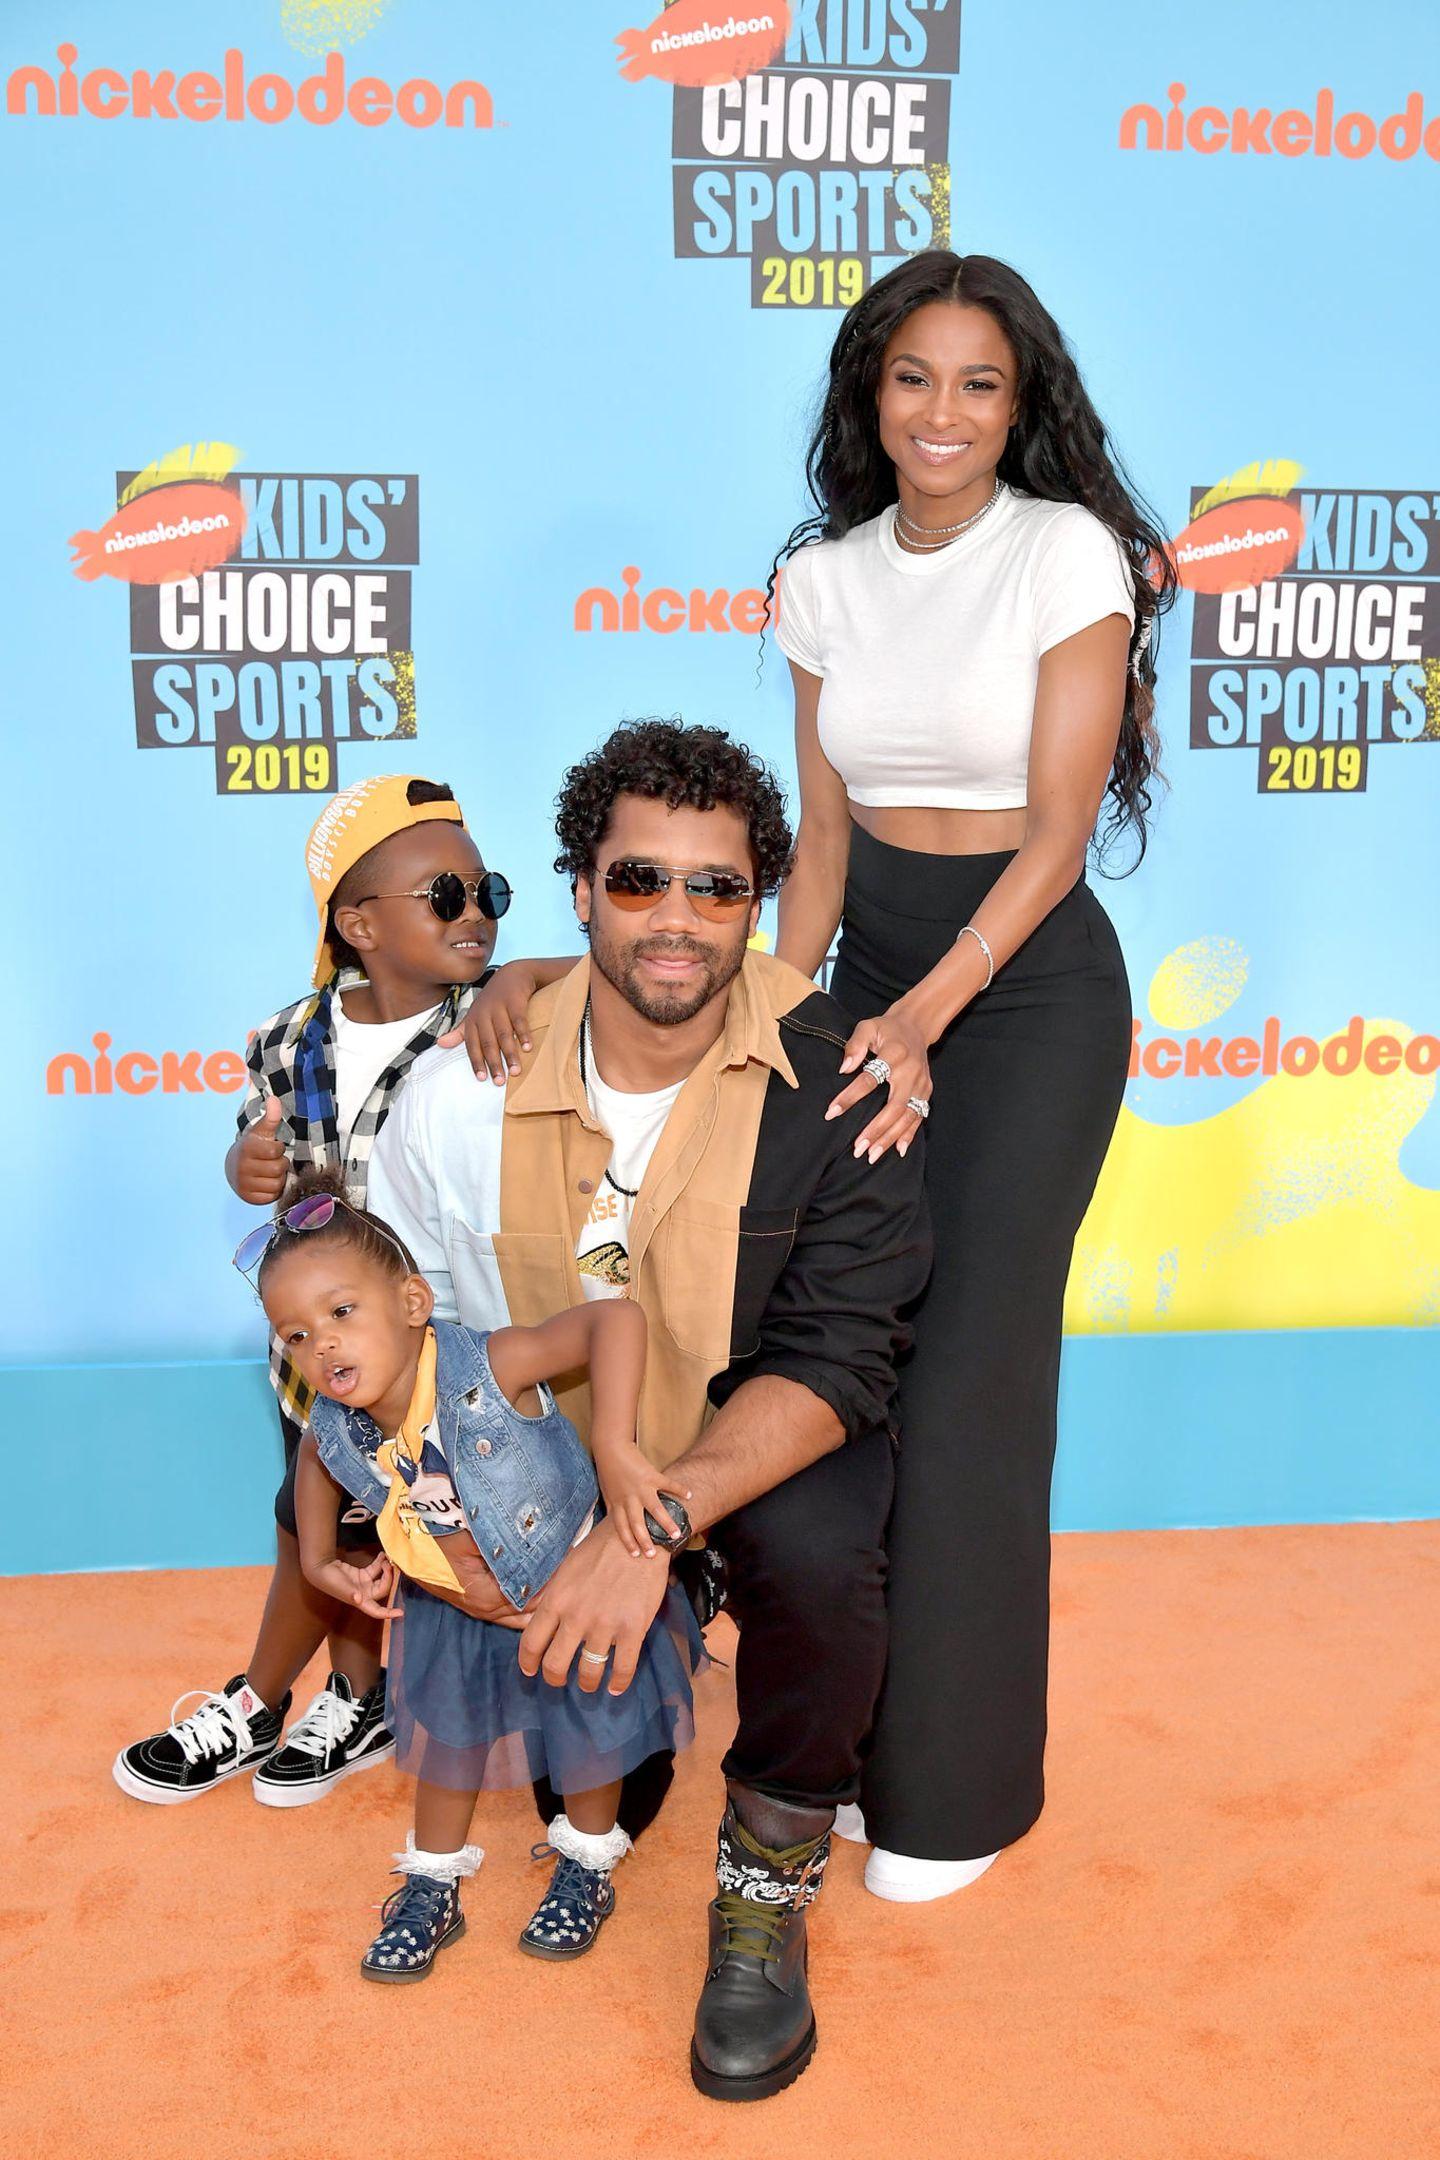 Auf dem selben roten Teppich stehen auch Ciara und Russell Wilson mit ihren zwei Kids. Sie haben sich modisch aufeinander abgestimmt und geben einen coolen Anblick ab.